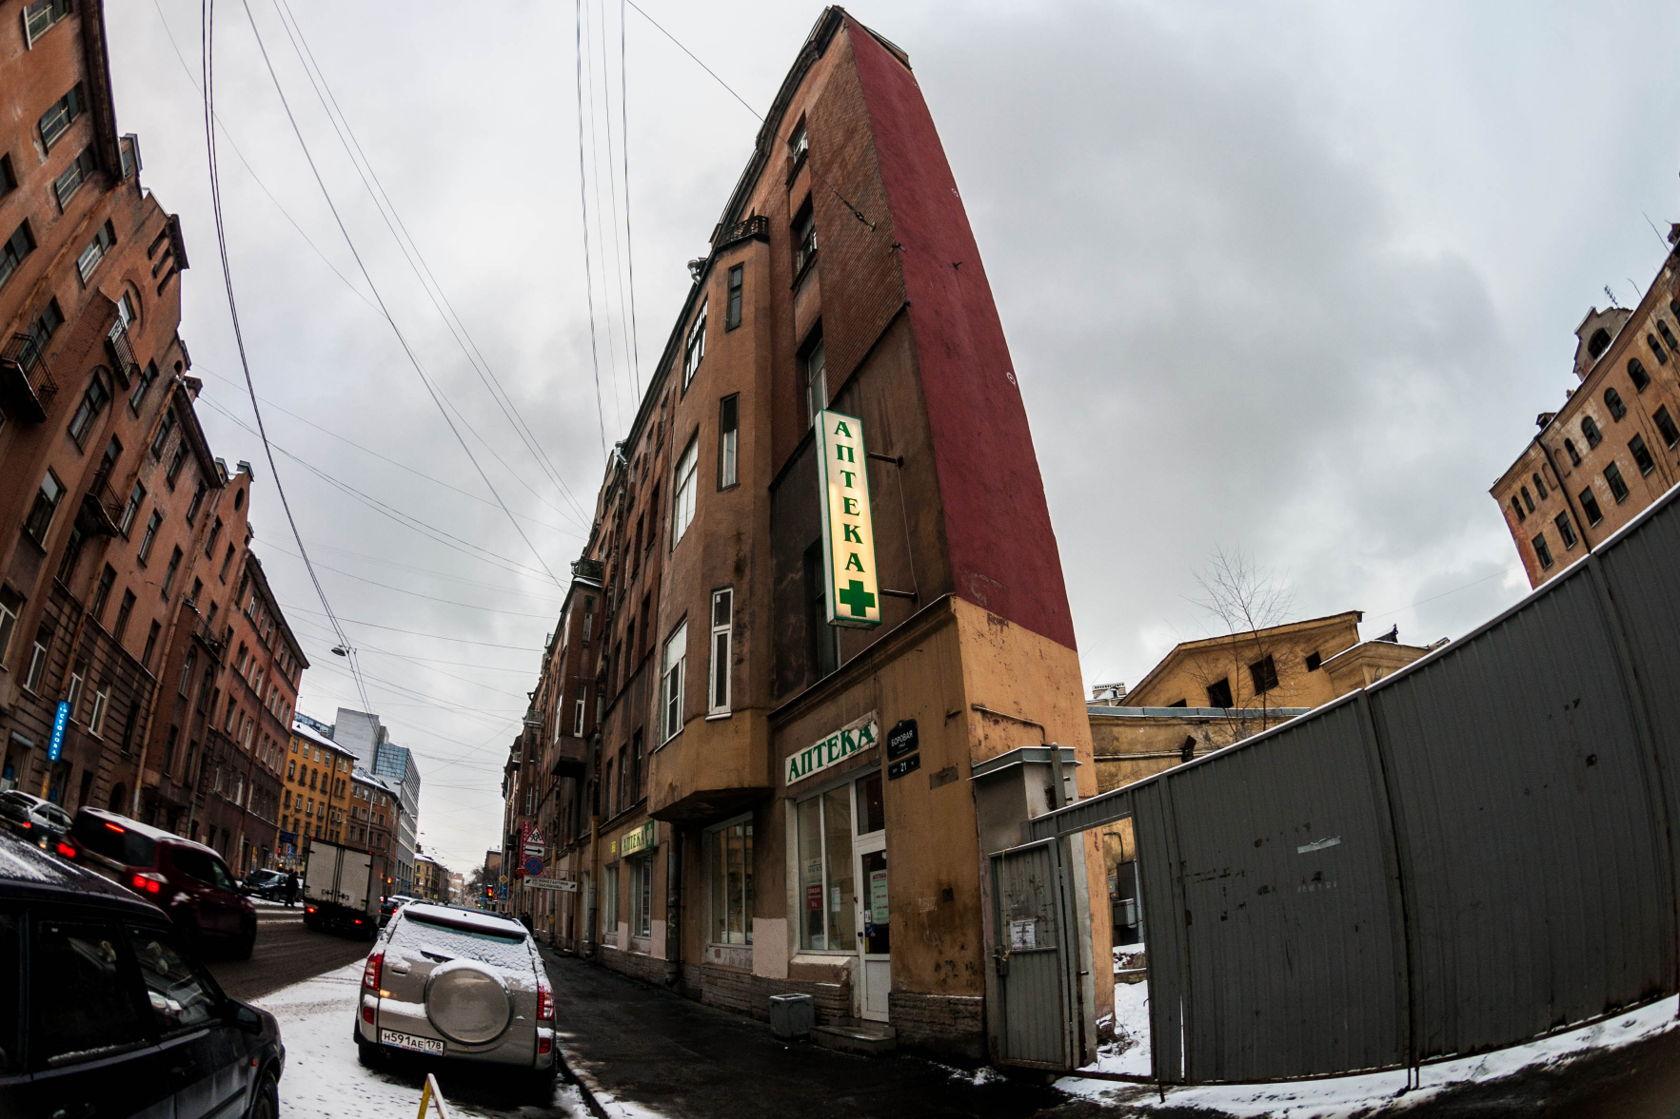 трансплацентарной плоский дом в питере фото бестиарии, градостроительстве, астрологии